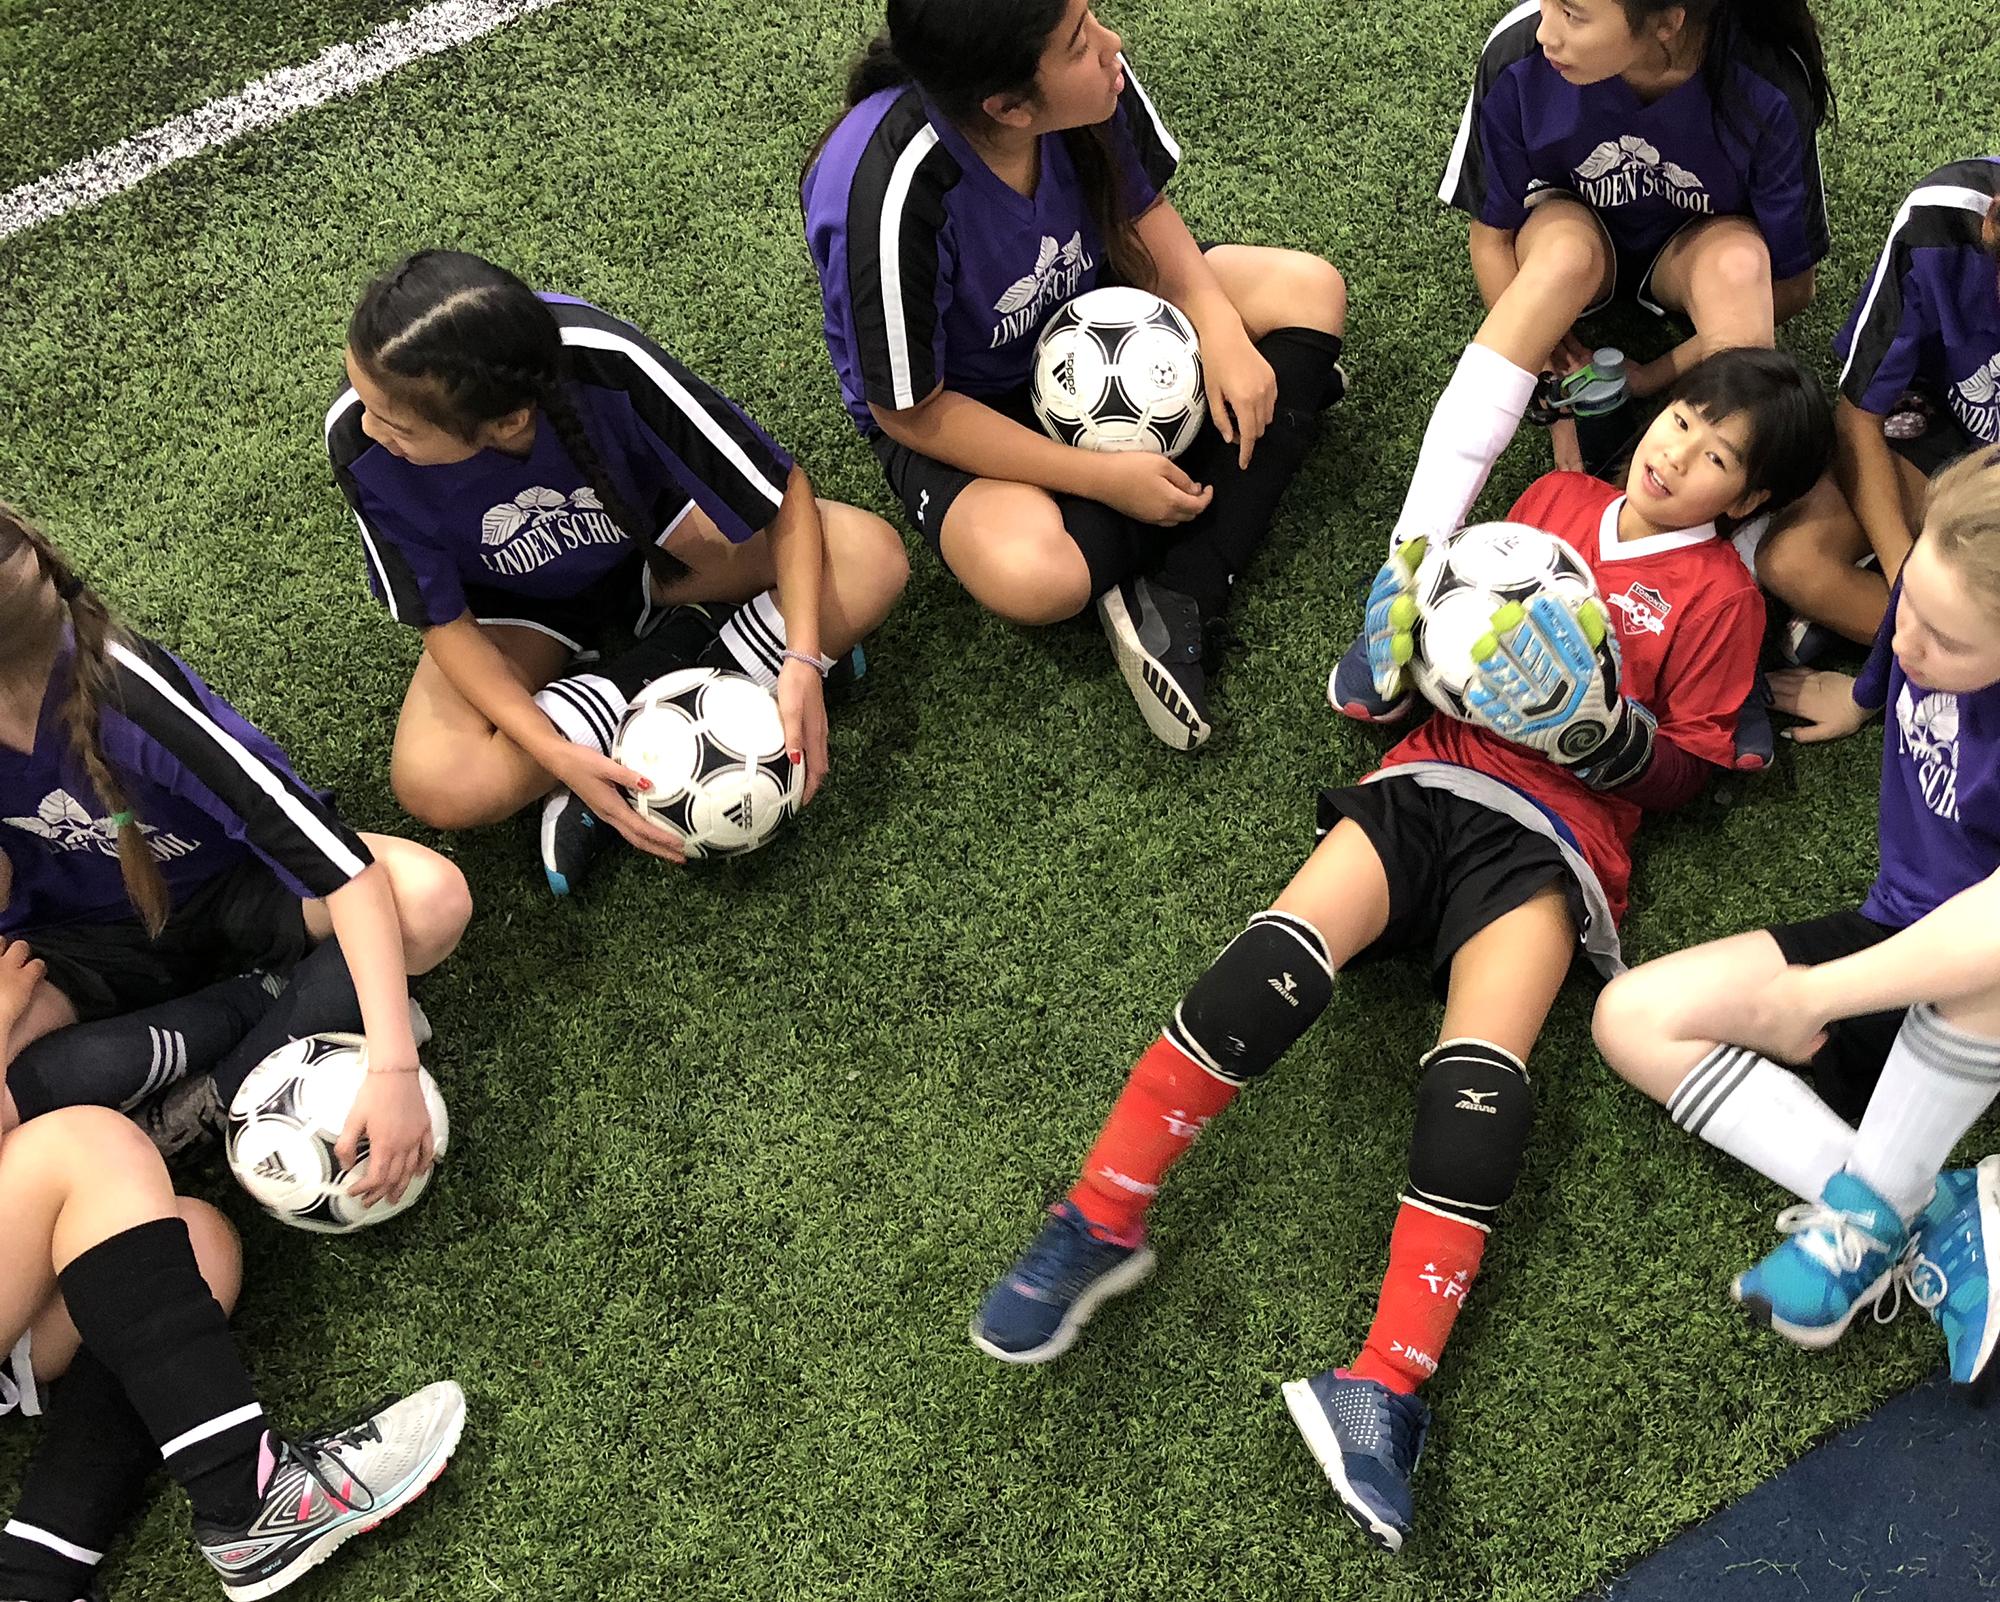 Soccer_1.jpg